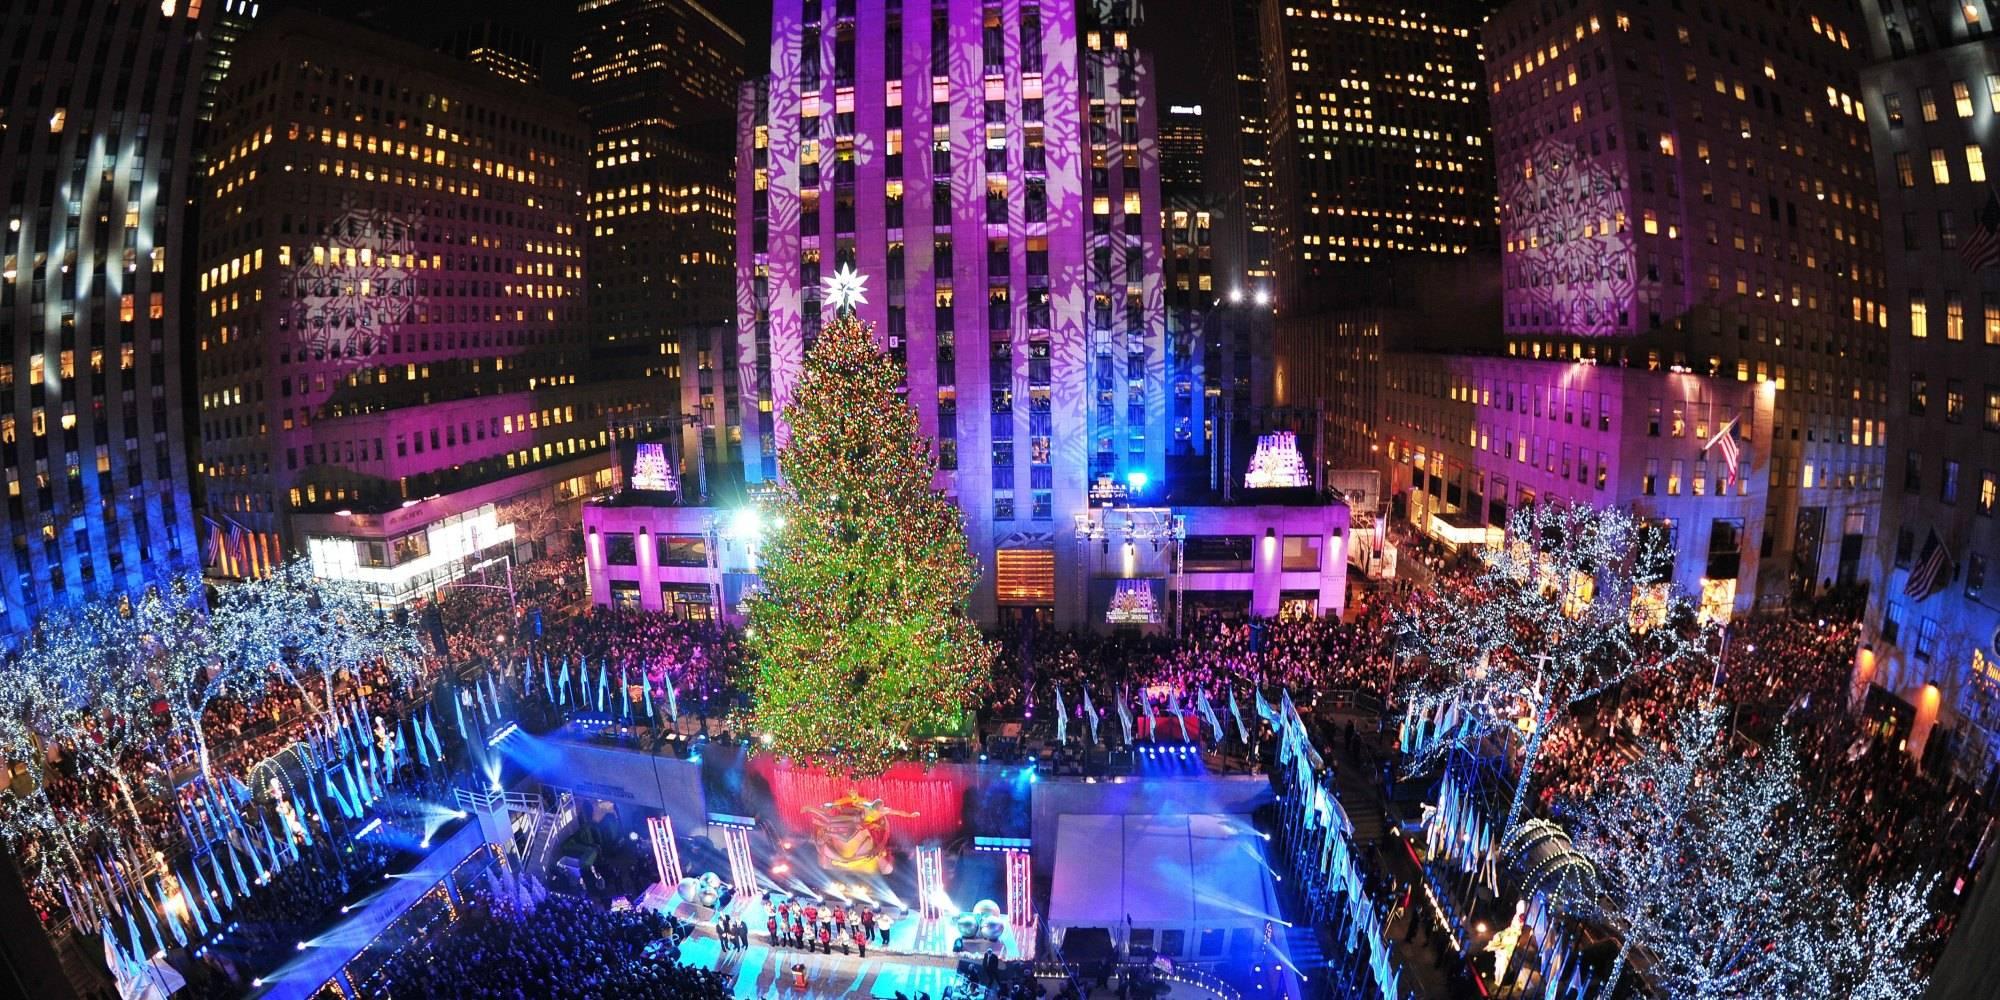 Wann Wird In New York Der Weihnachtsbaum Aufgestellt.Weihnachten In New York Die Schönsten Beleuchtungen Und